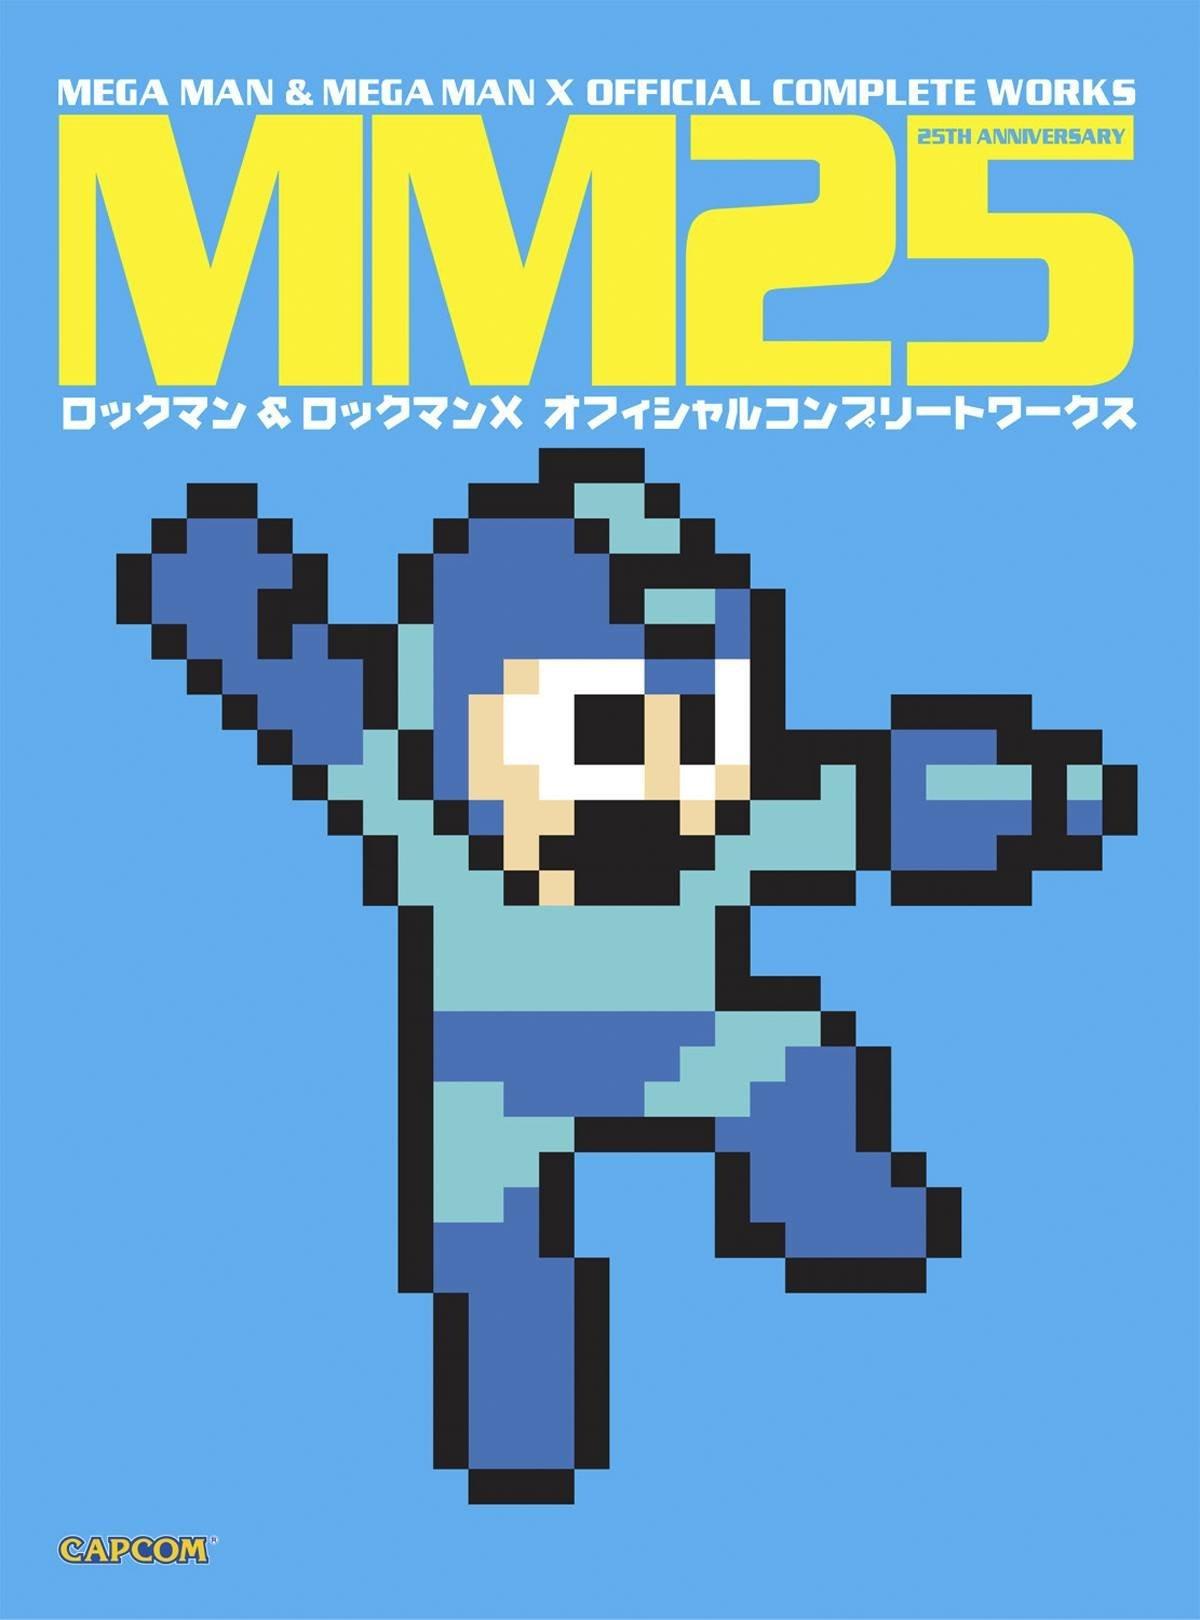 Mega Man & Mega Man X Official Complete Works - MM25